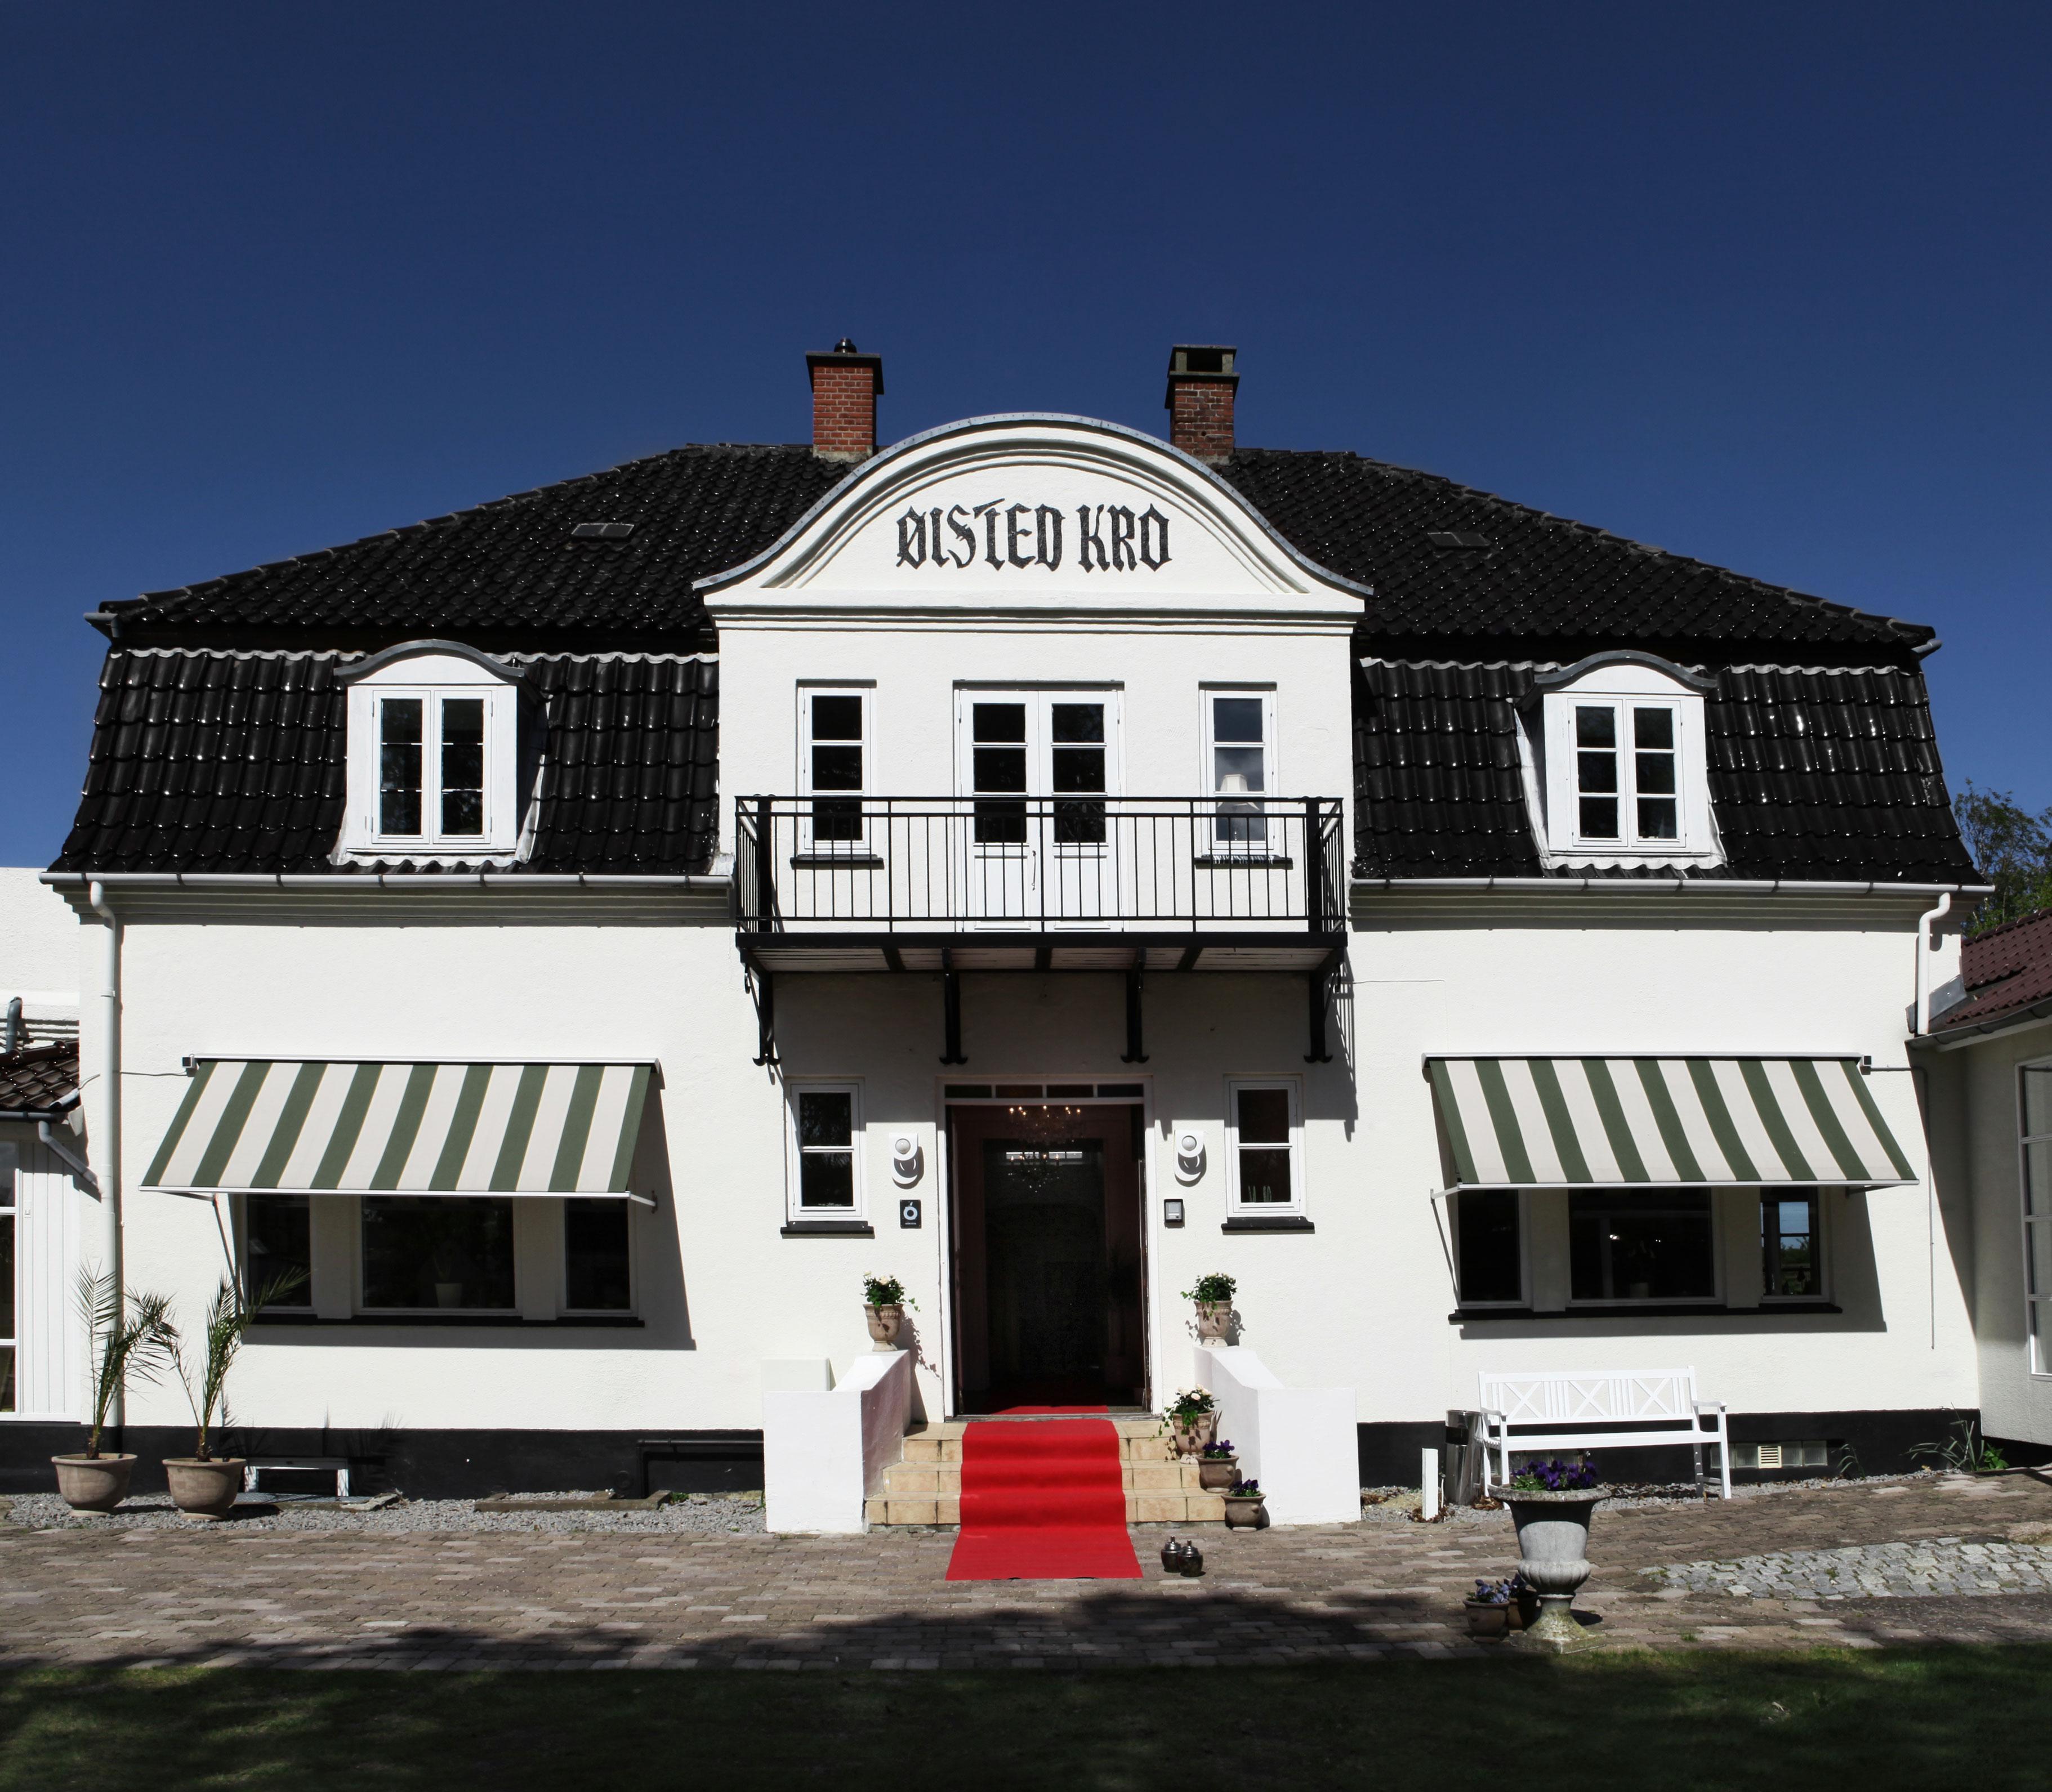 OlstedKro_Hotel_slider7